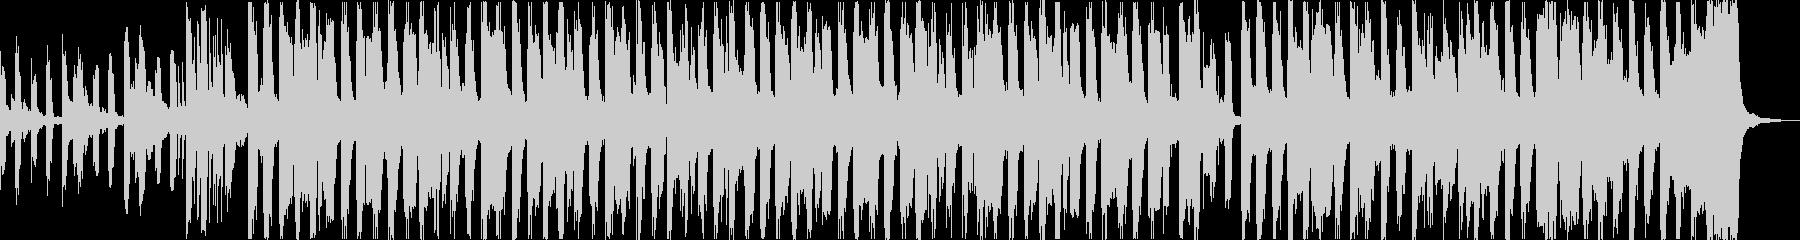 おしゃれチルヒップホップR&Bハウスbの未再生の波形